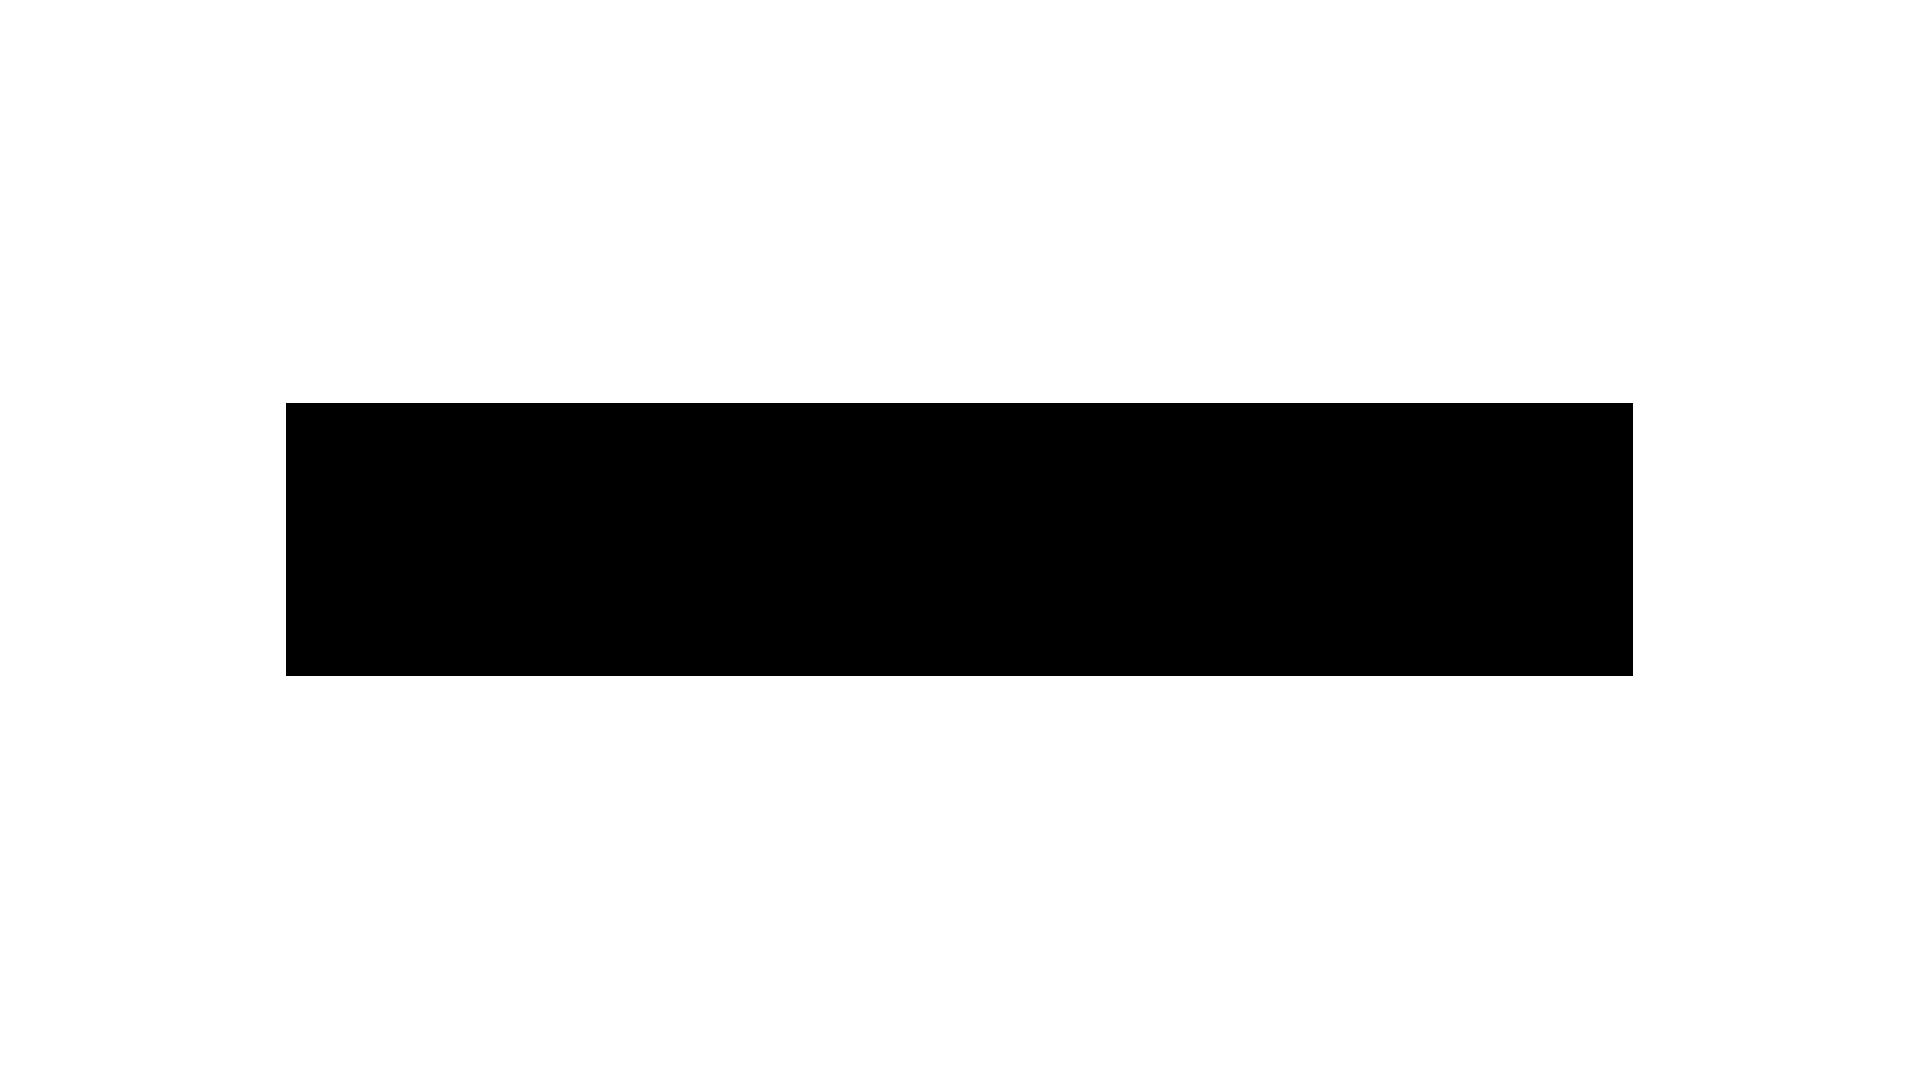 tabela 2 v2